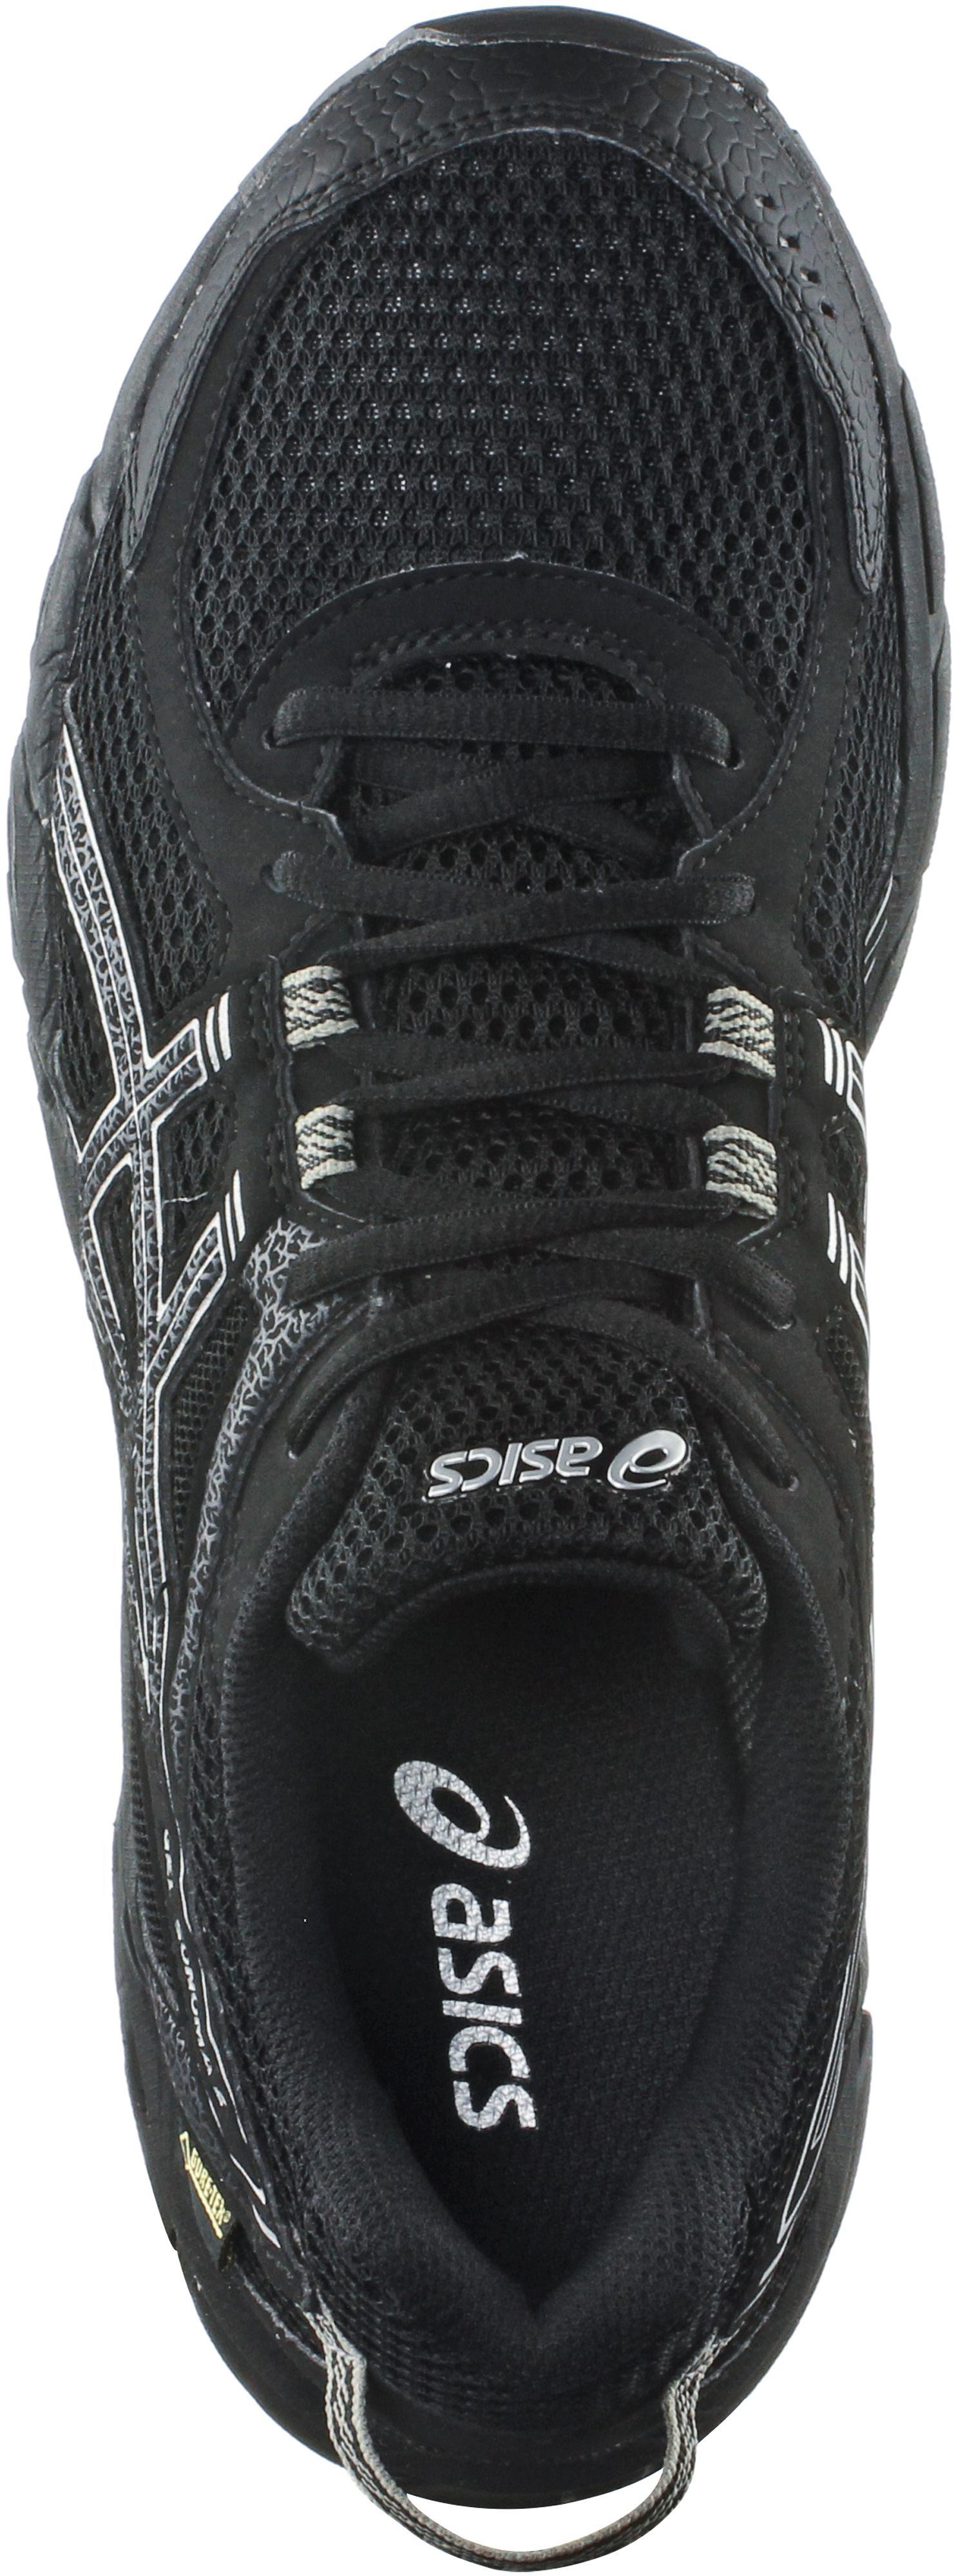 ASICS GEL Sonoma 2 Laufschuhe Herren schwarz im Online Shop von SportScheck kaufen